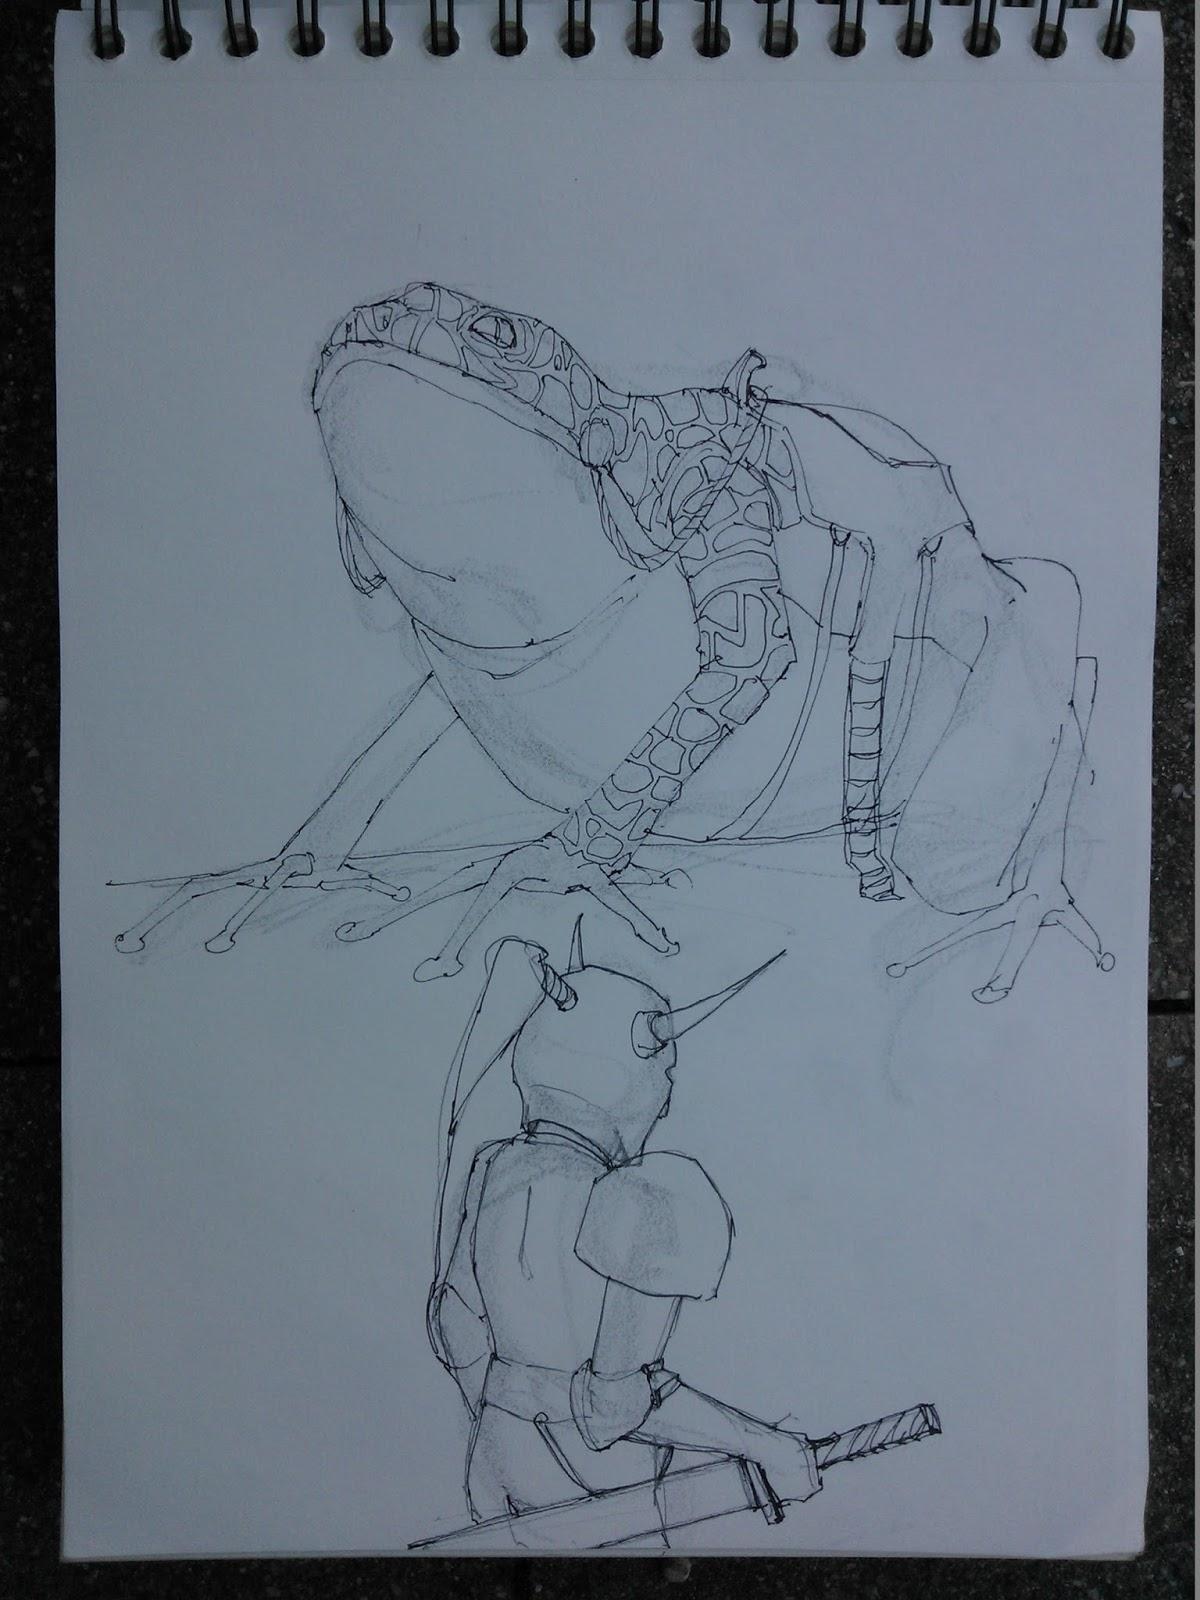 [SPOLYK] - Geometries & sketches WP_000320